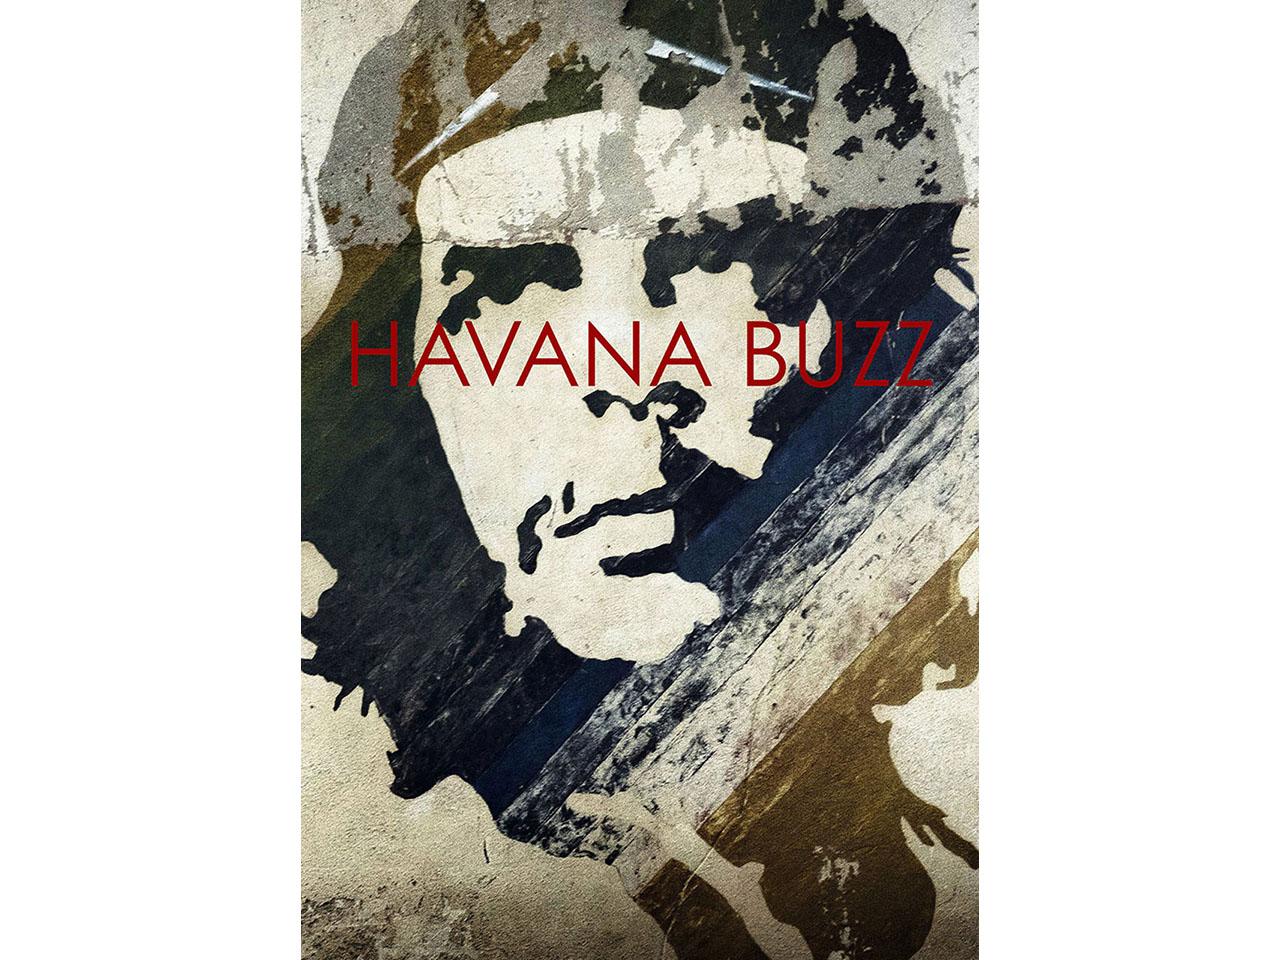 HAVANA_BUZZ_BOOK_COVER_WEB.jpg